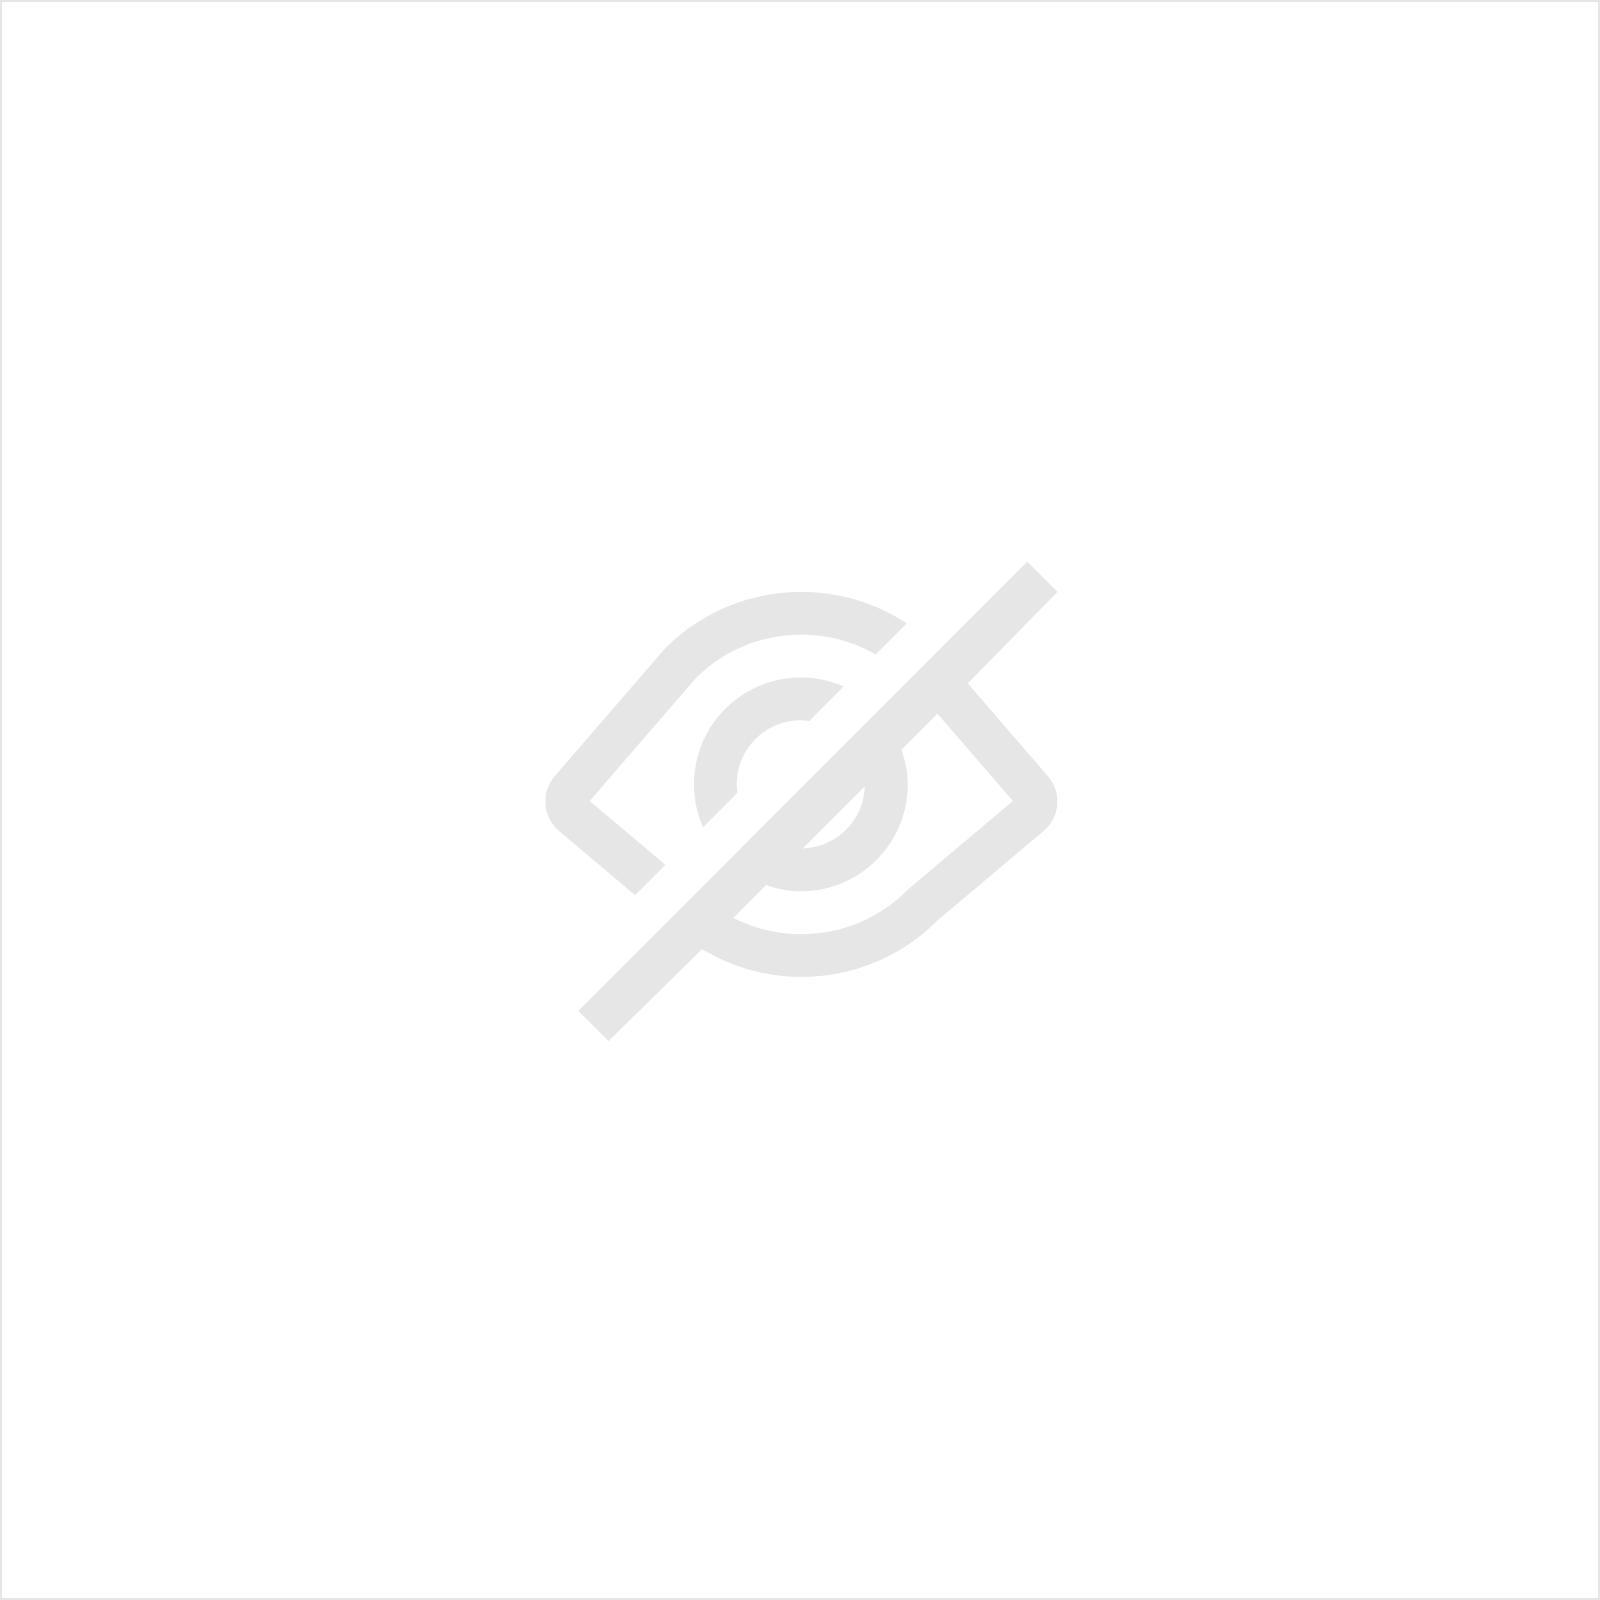 GEREEDSCHAPSKIST TUSSENBOX MET 3 LADEN